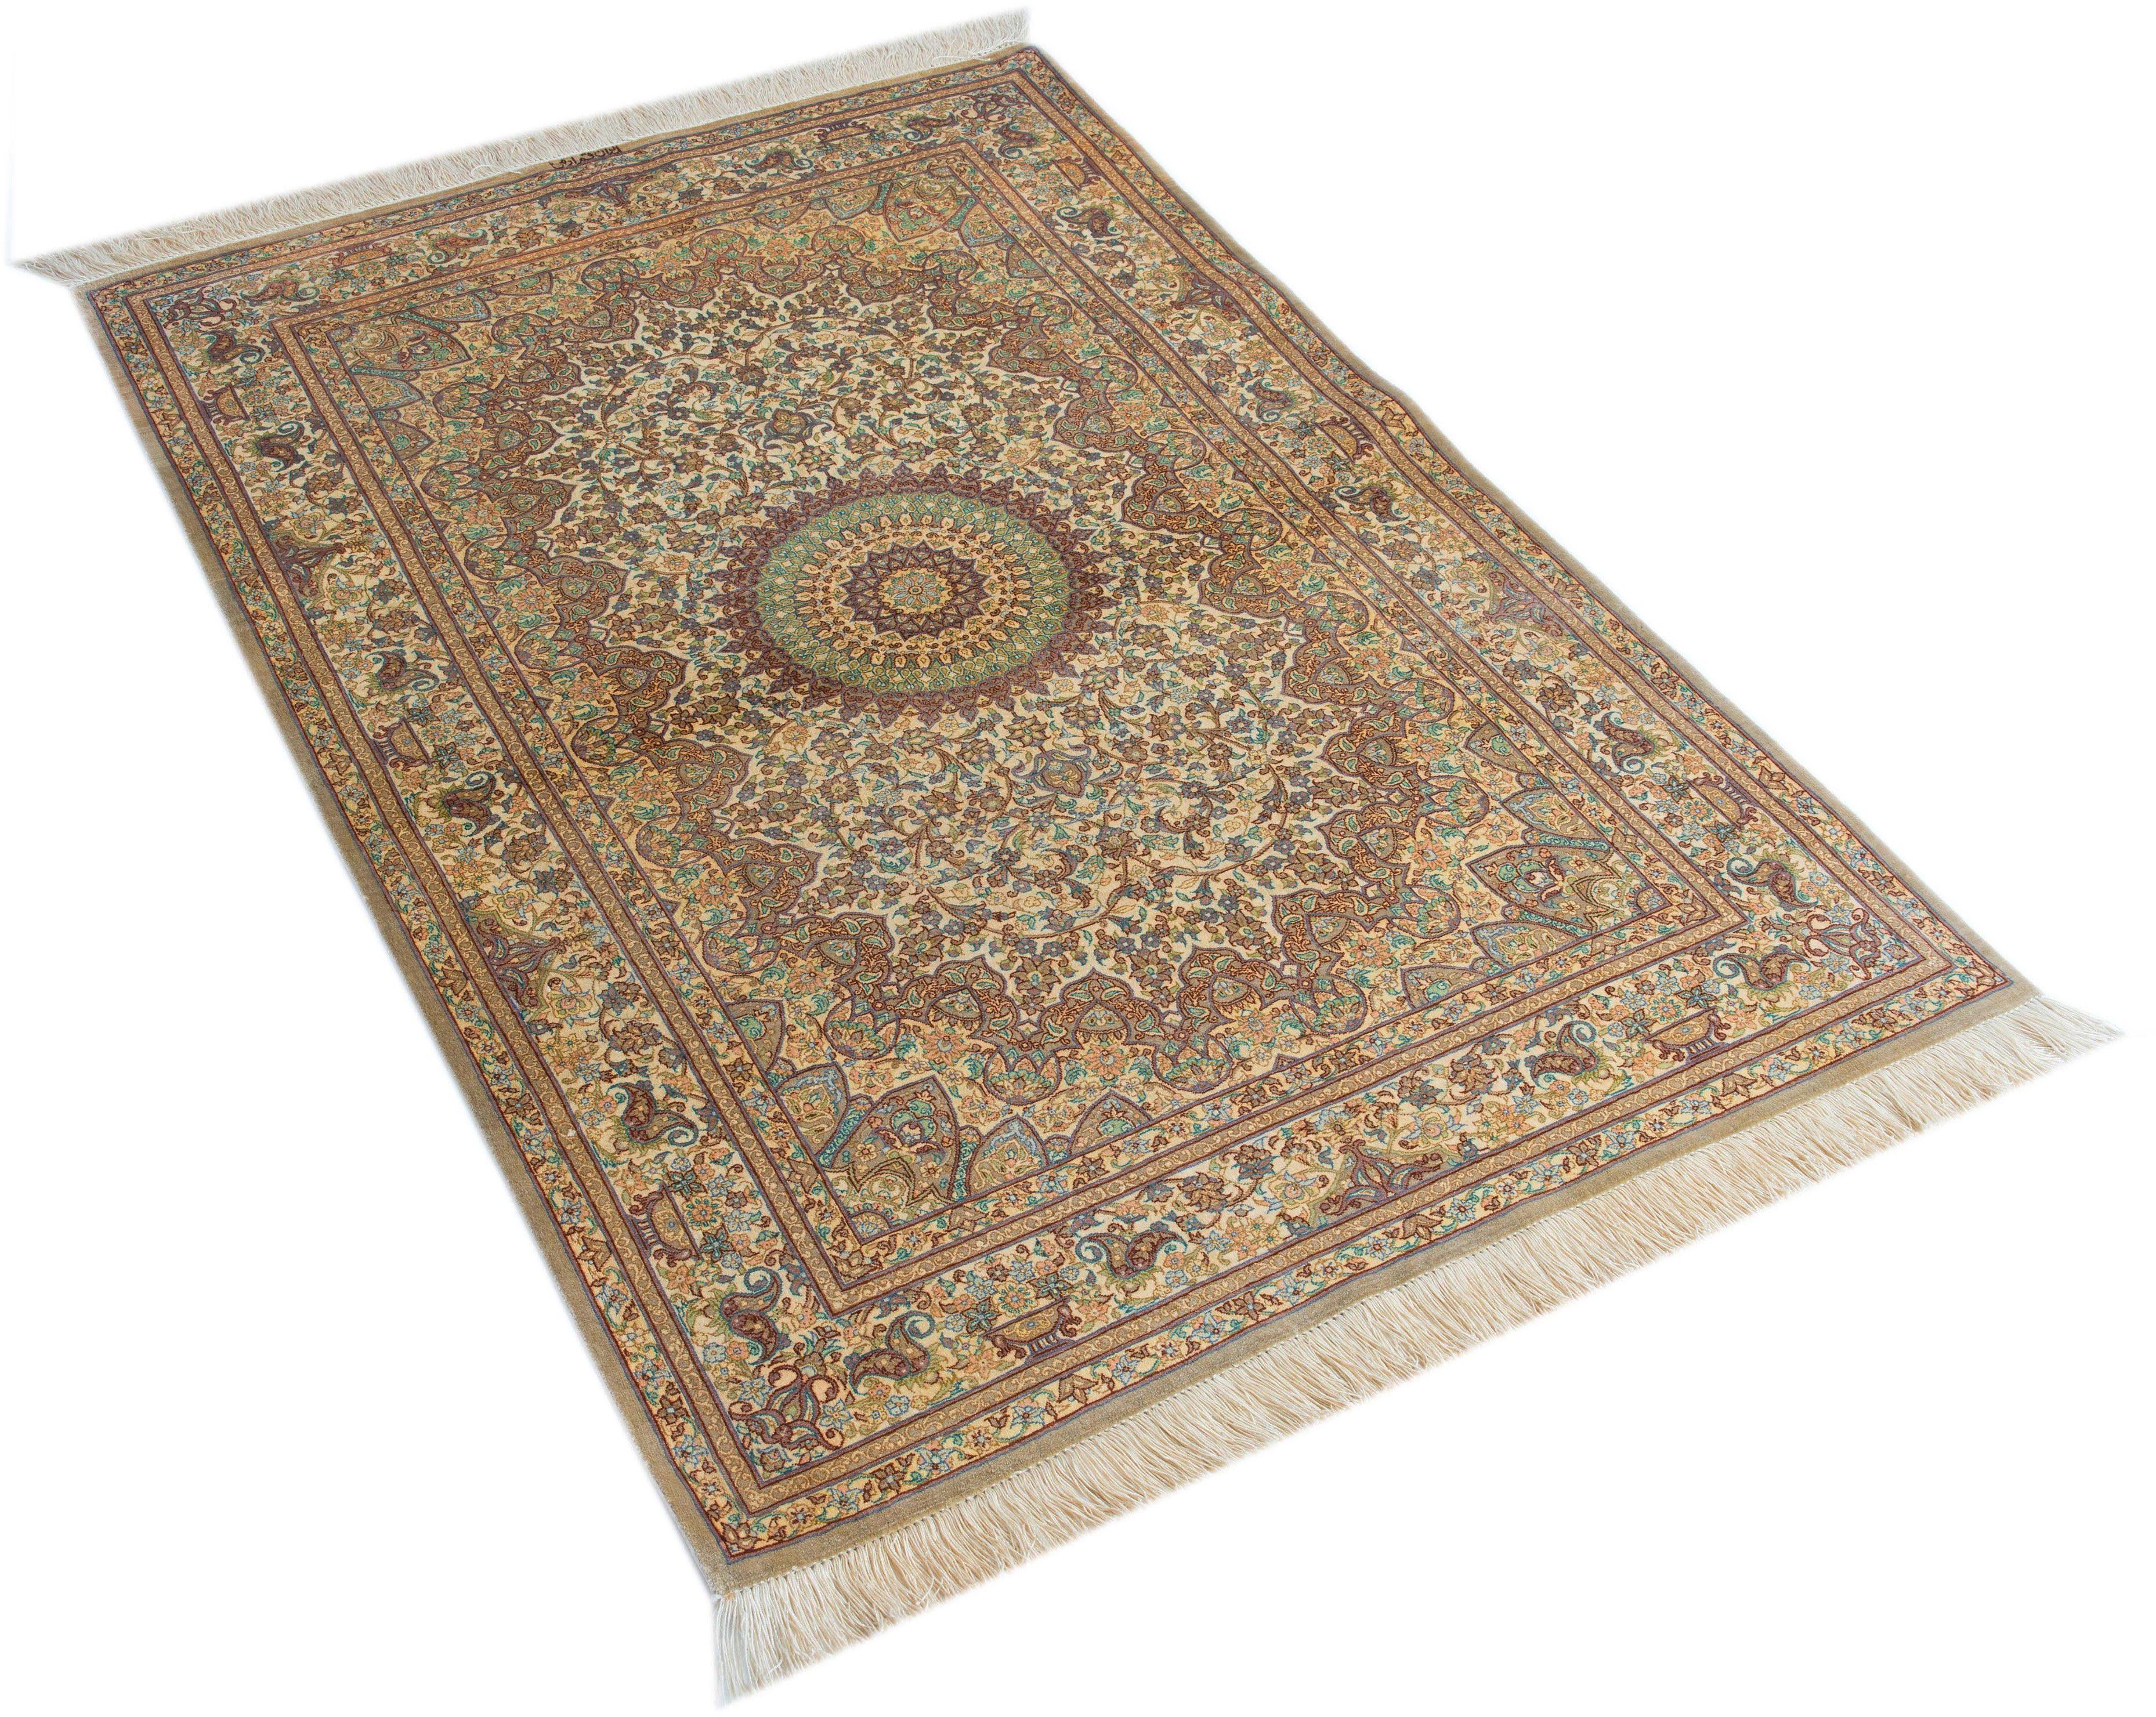 Orient-Teppich, Parwis, »Ghom Erami«, handgeknüpft, echt Seide, 1.000.000 Knoten/m²